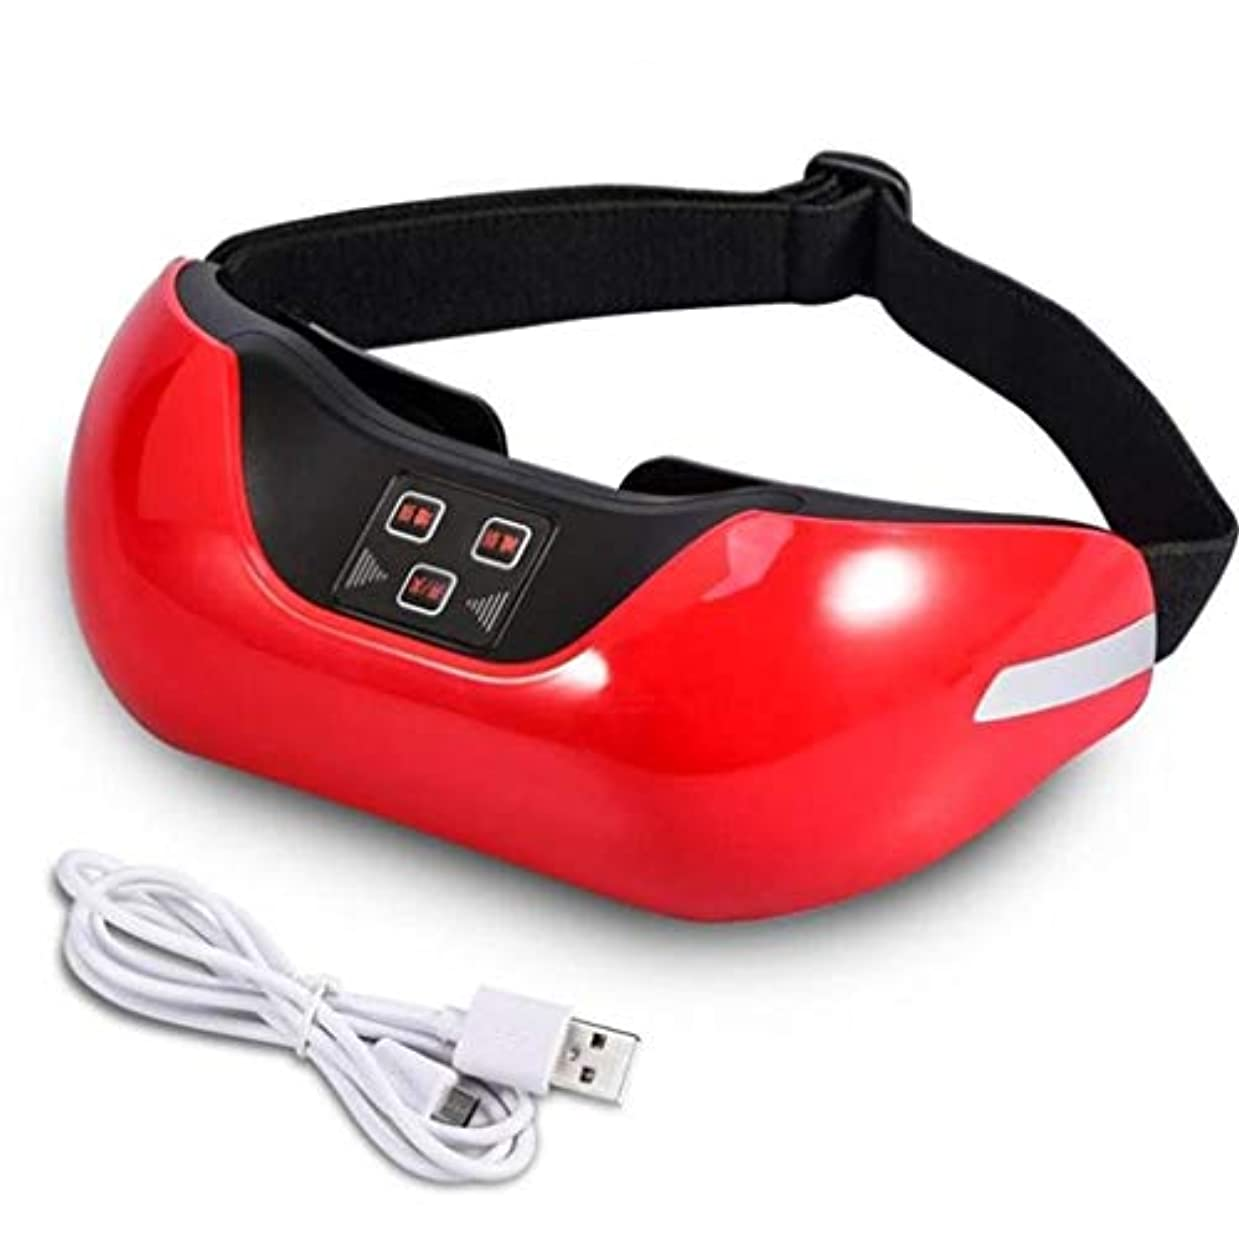 メダリスト毒液申請者アイマッサージャー、ワイヤレス3D充電式グリーンアイリカバリービジョン電動マッサージャー、修復ビジョンマッサージャー、アイケアツールは血液循環を促進し、疲労を和らげます (Color : Red)